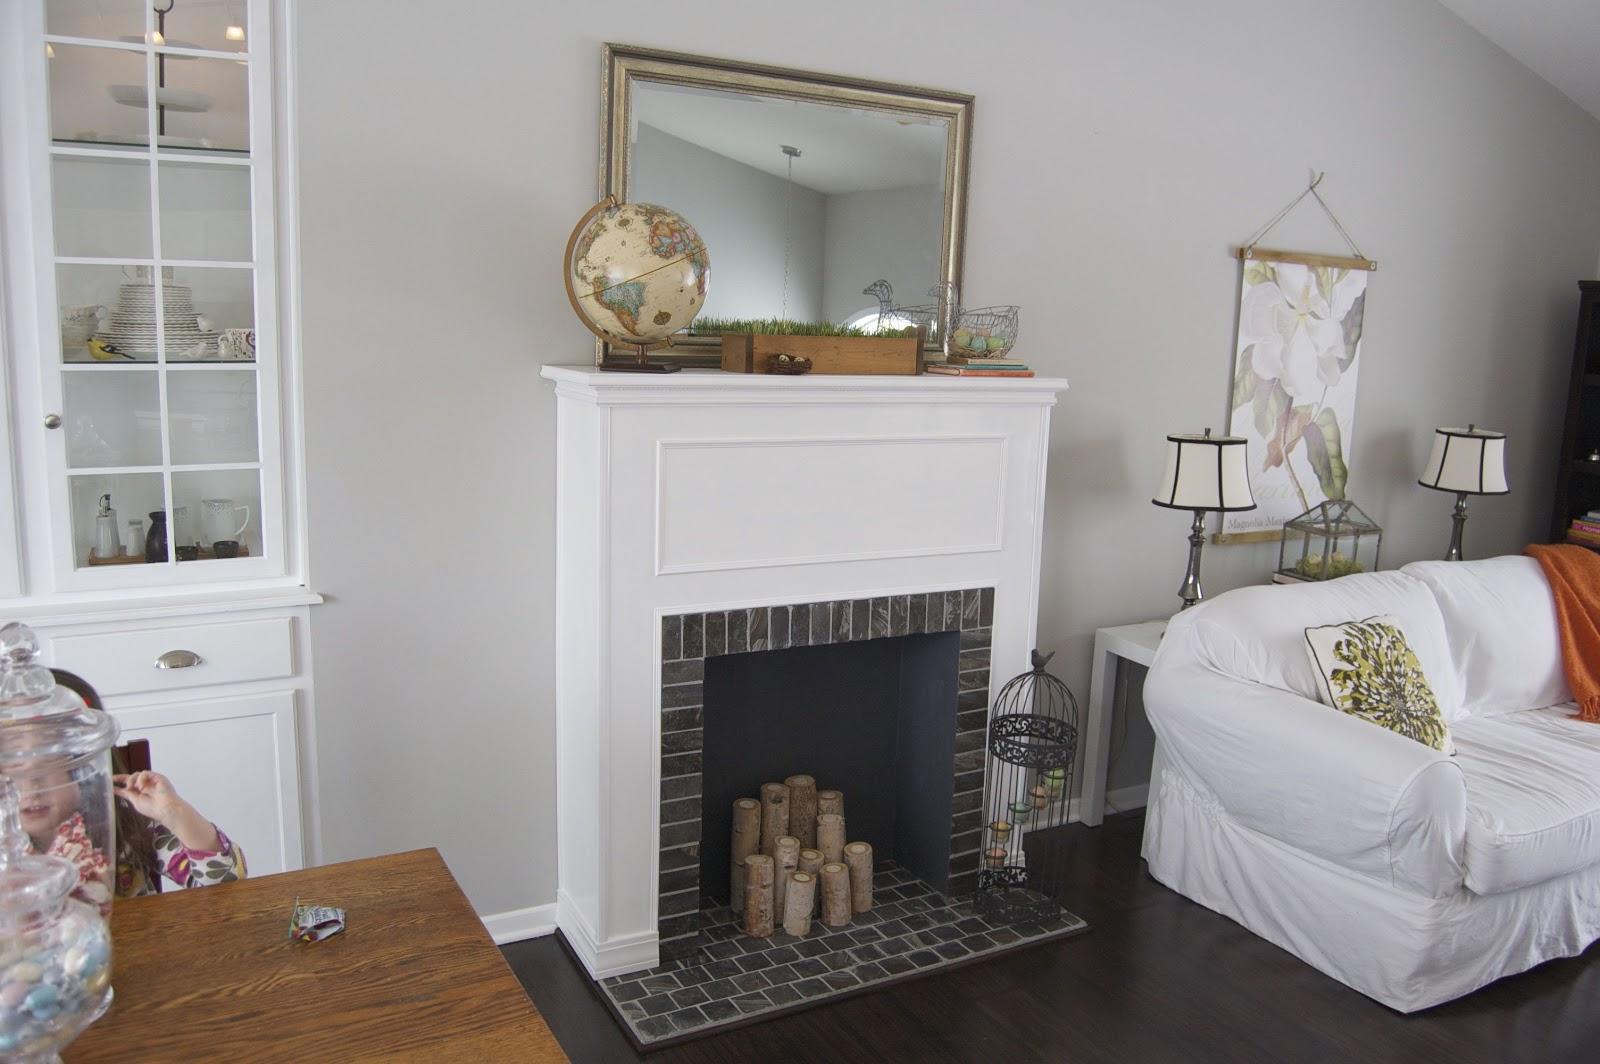 diy faux fireplace mantel ideas fireplace design ideas